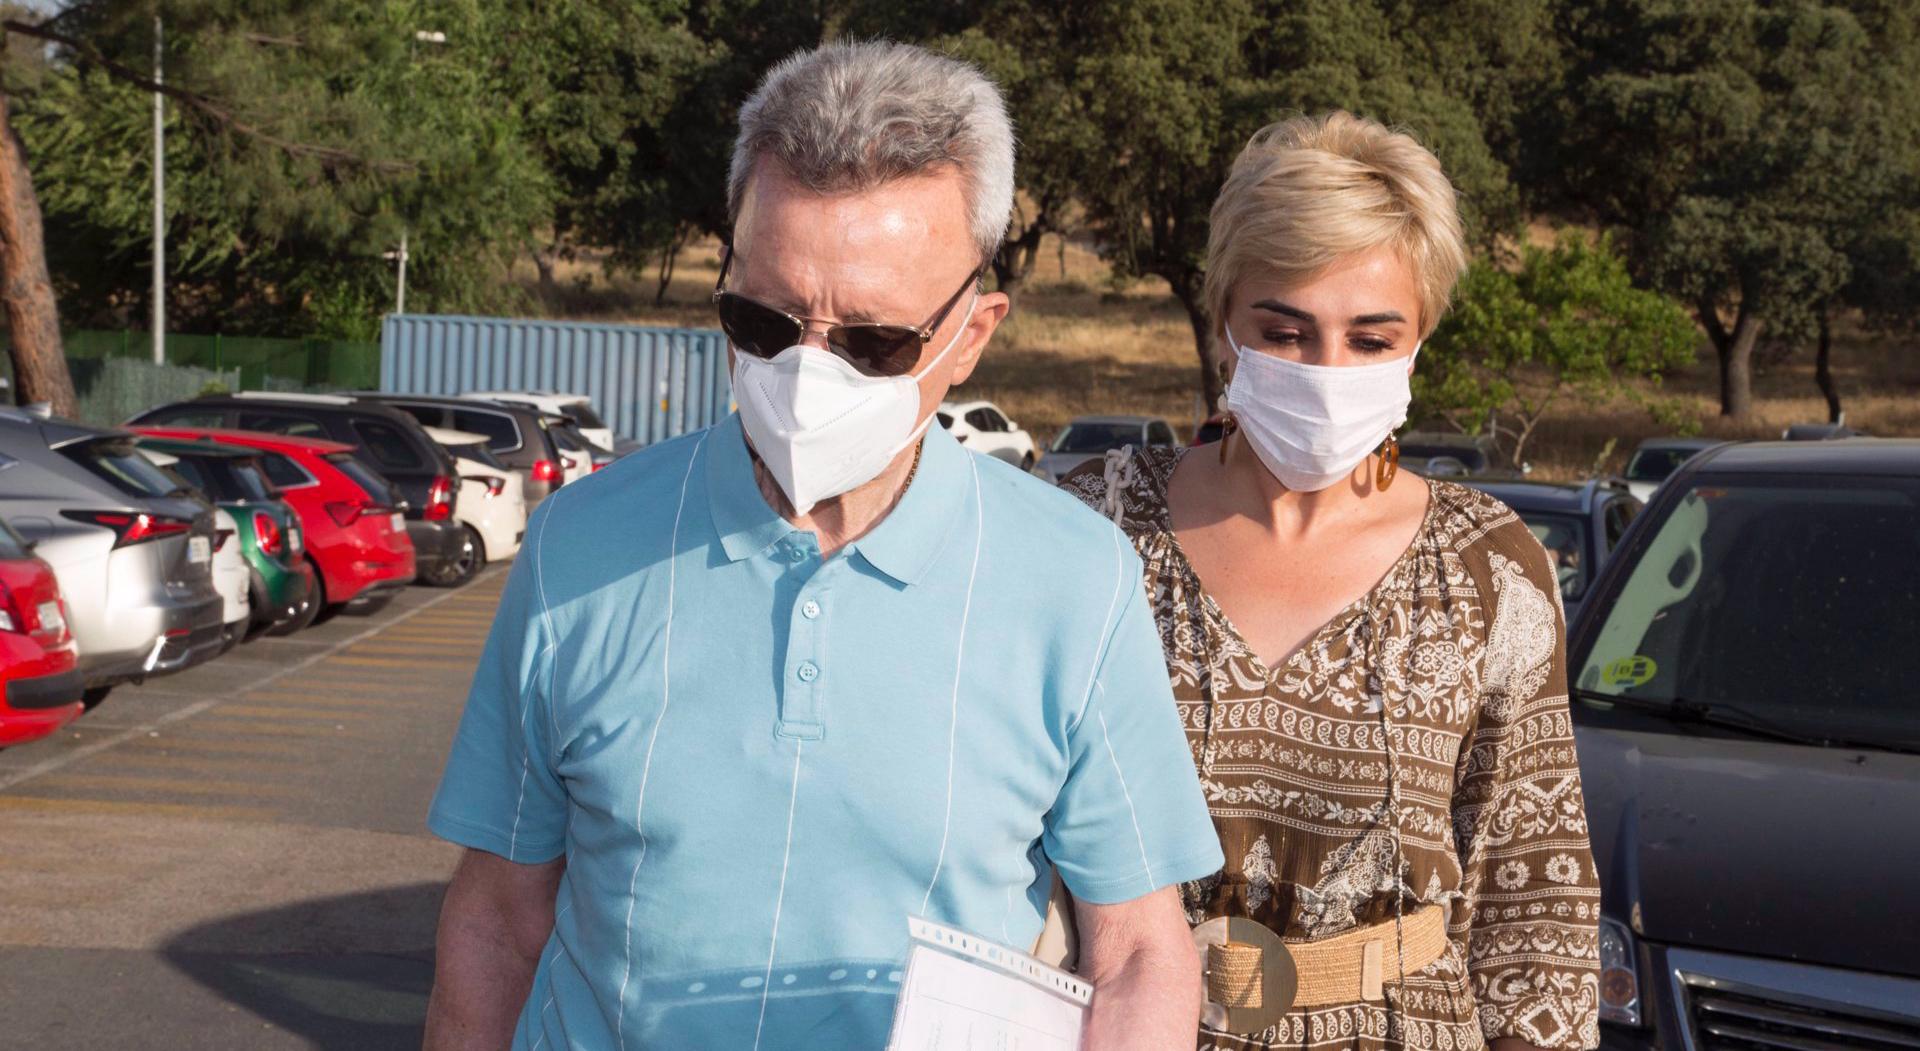 José Ortega Cano i la dona entren a l'hospital - Europa Press